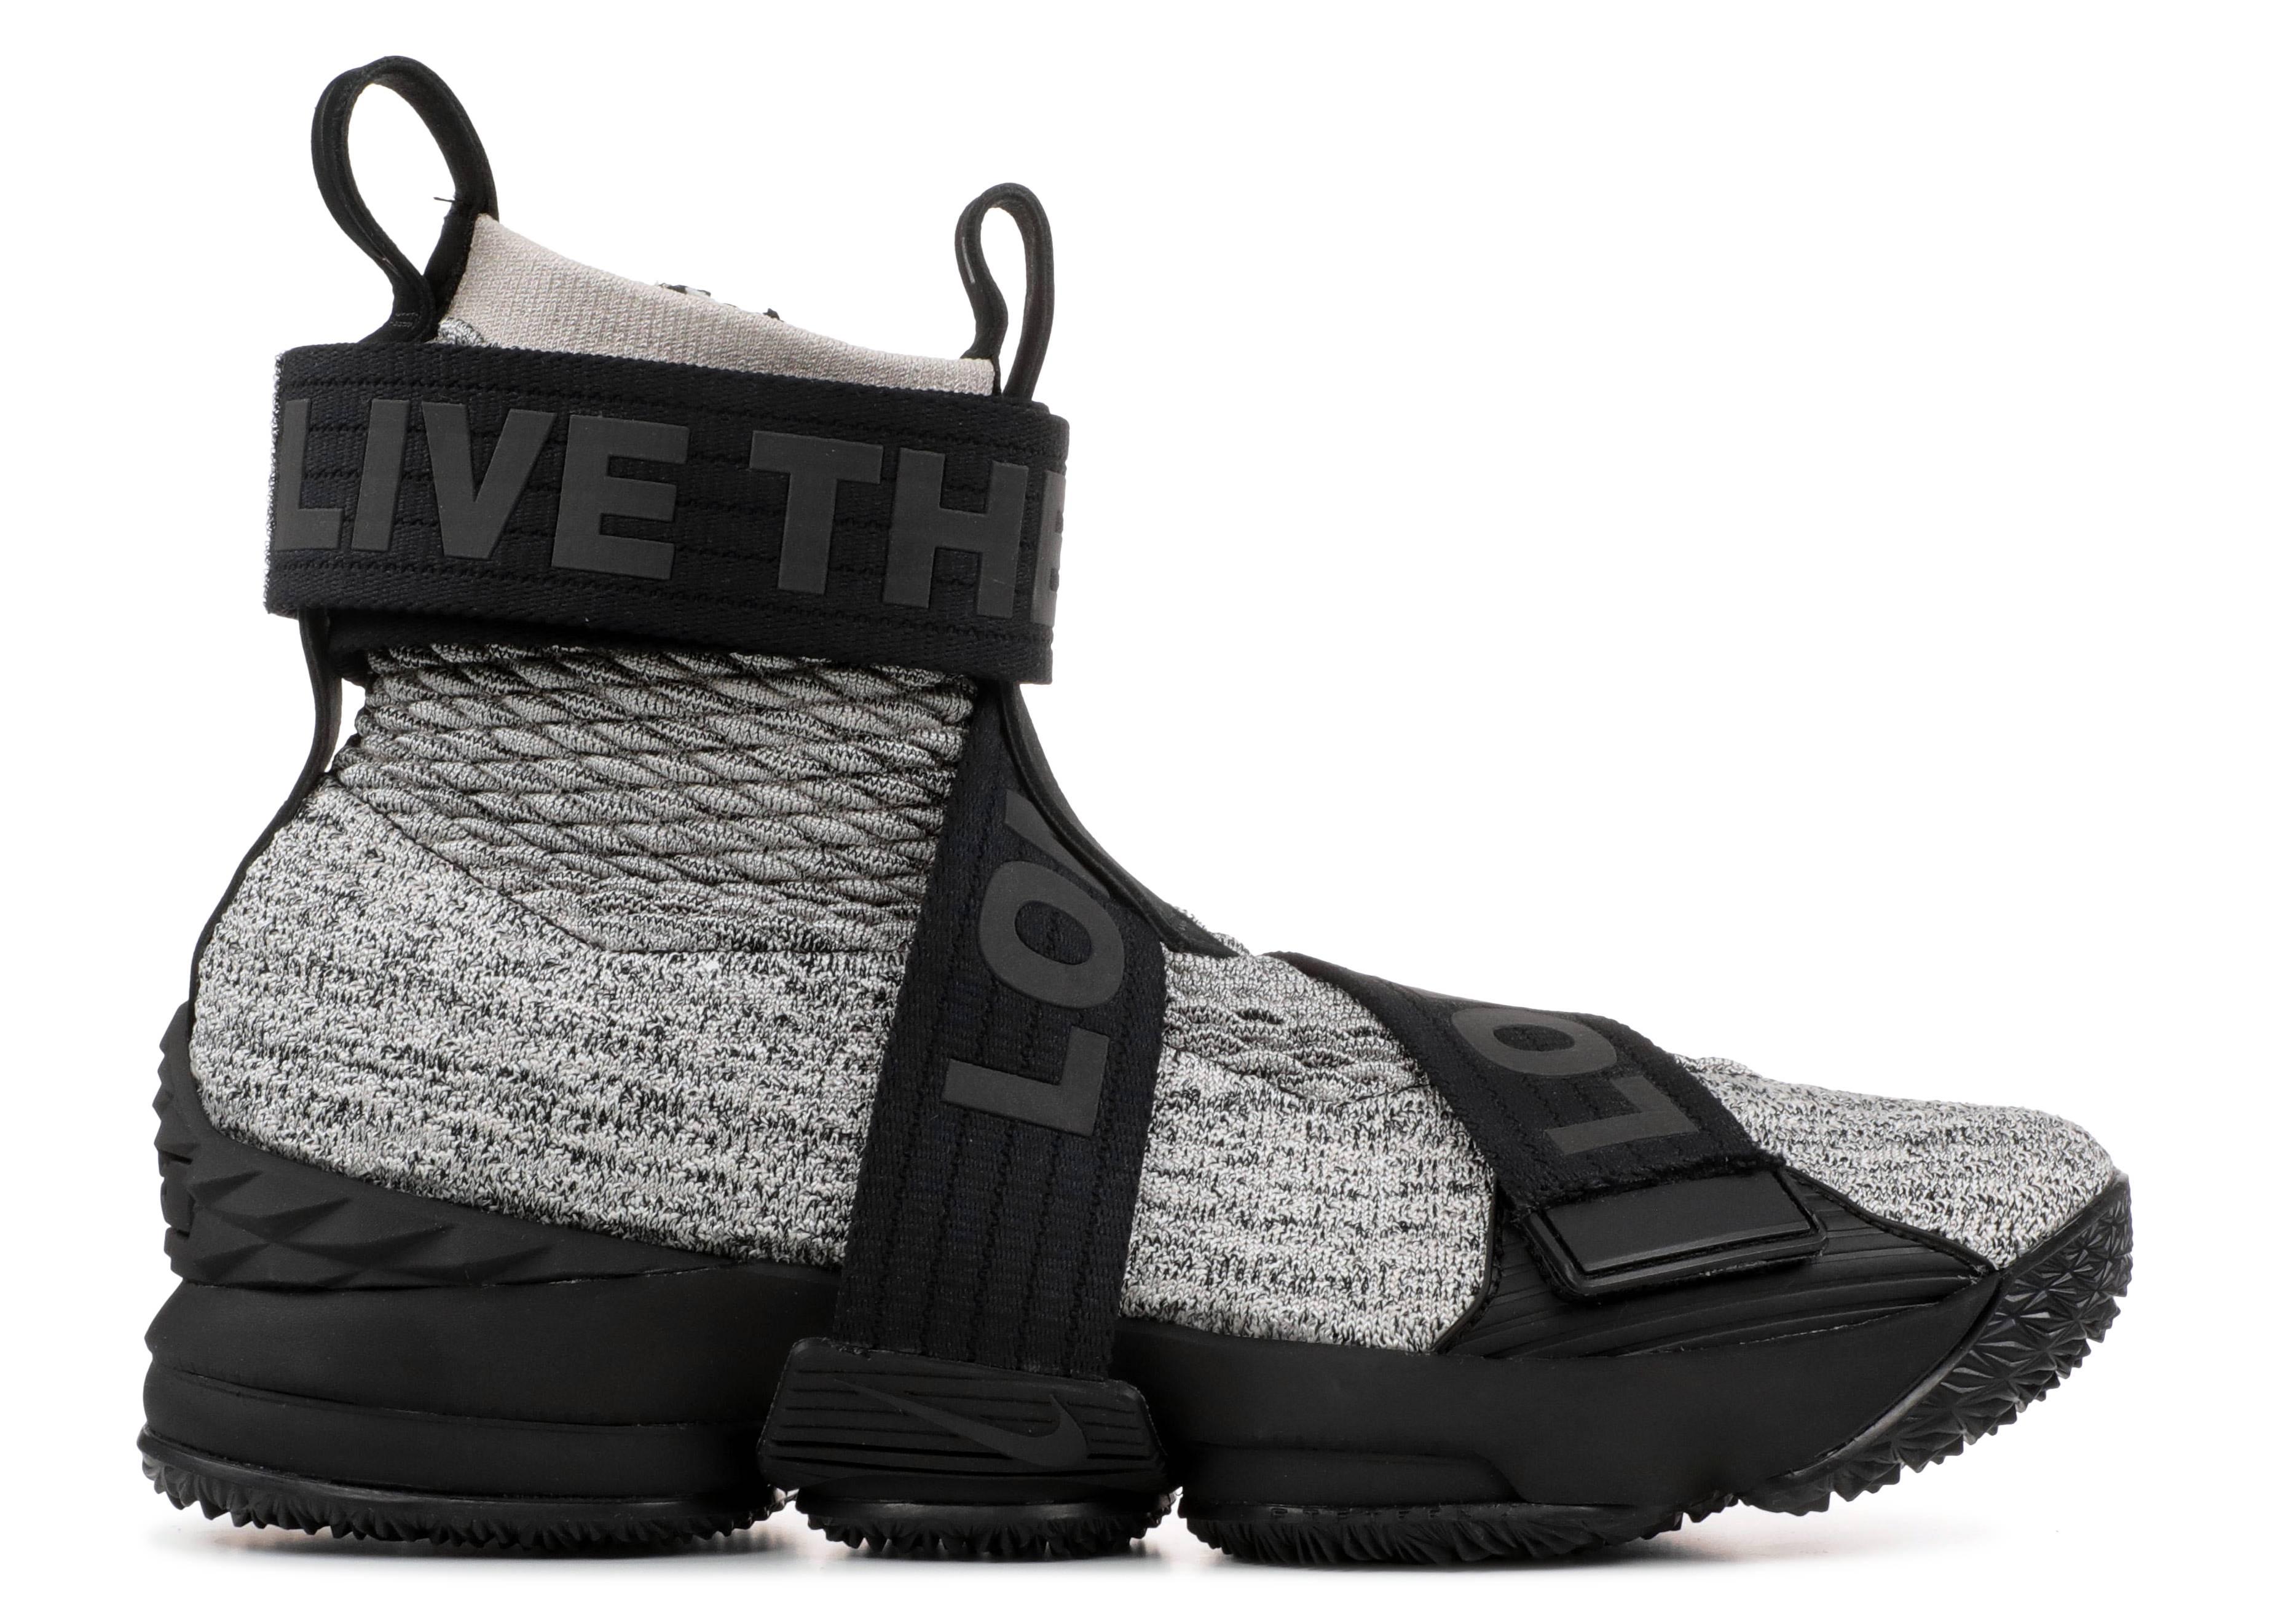 online retailer 6e9fe 24f53 Kith x LeBron Lifestyle 15 'Concrete'